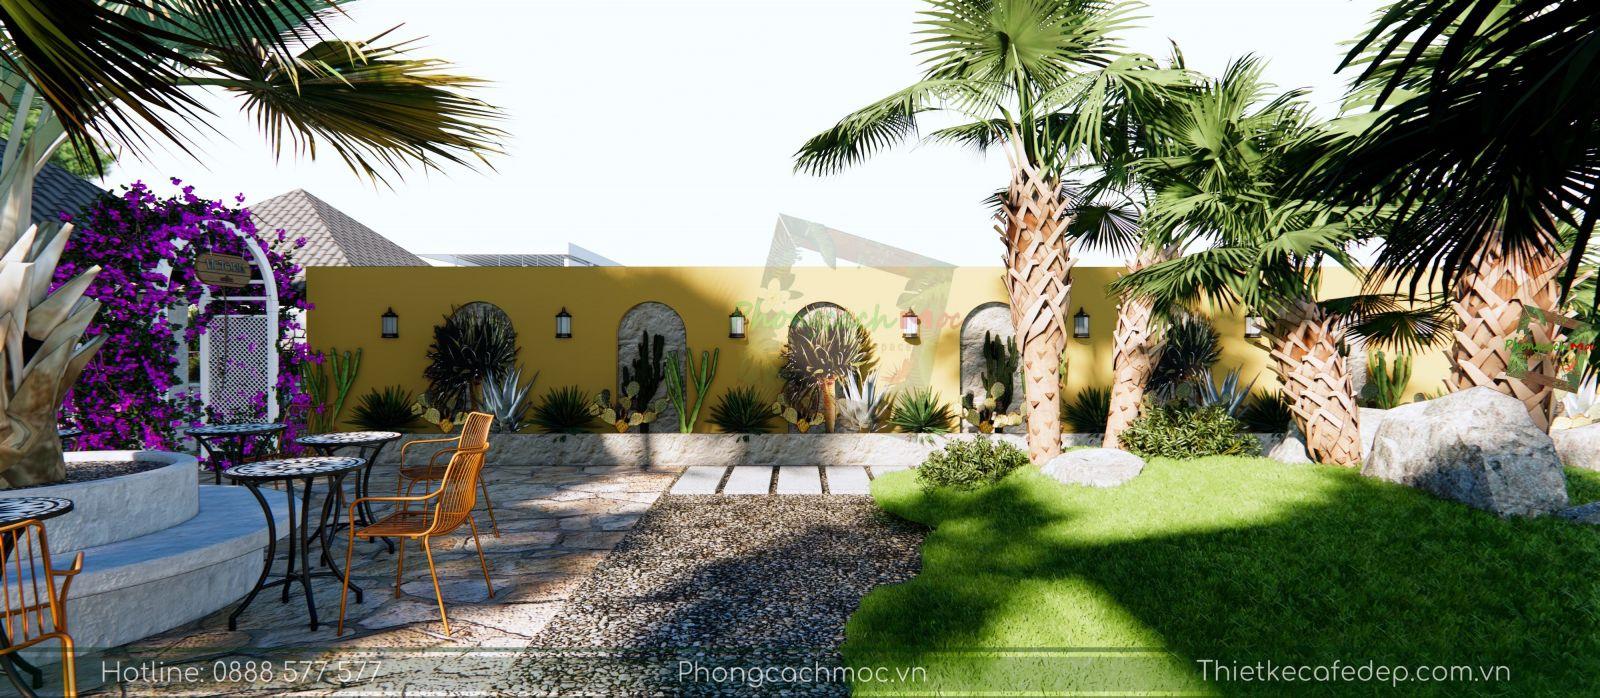 thiết kế quán cafe sân vườn 1700m2